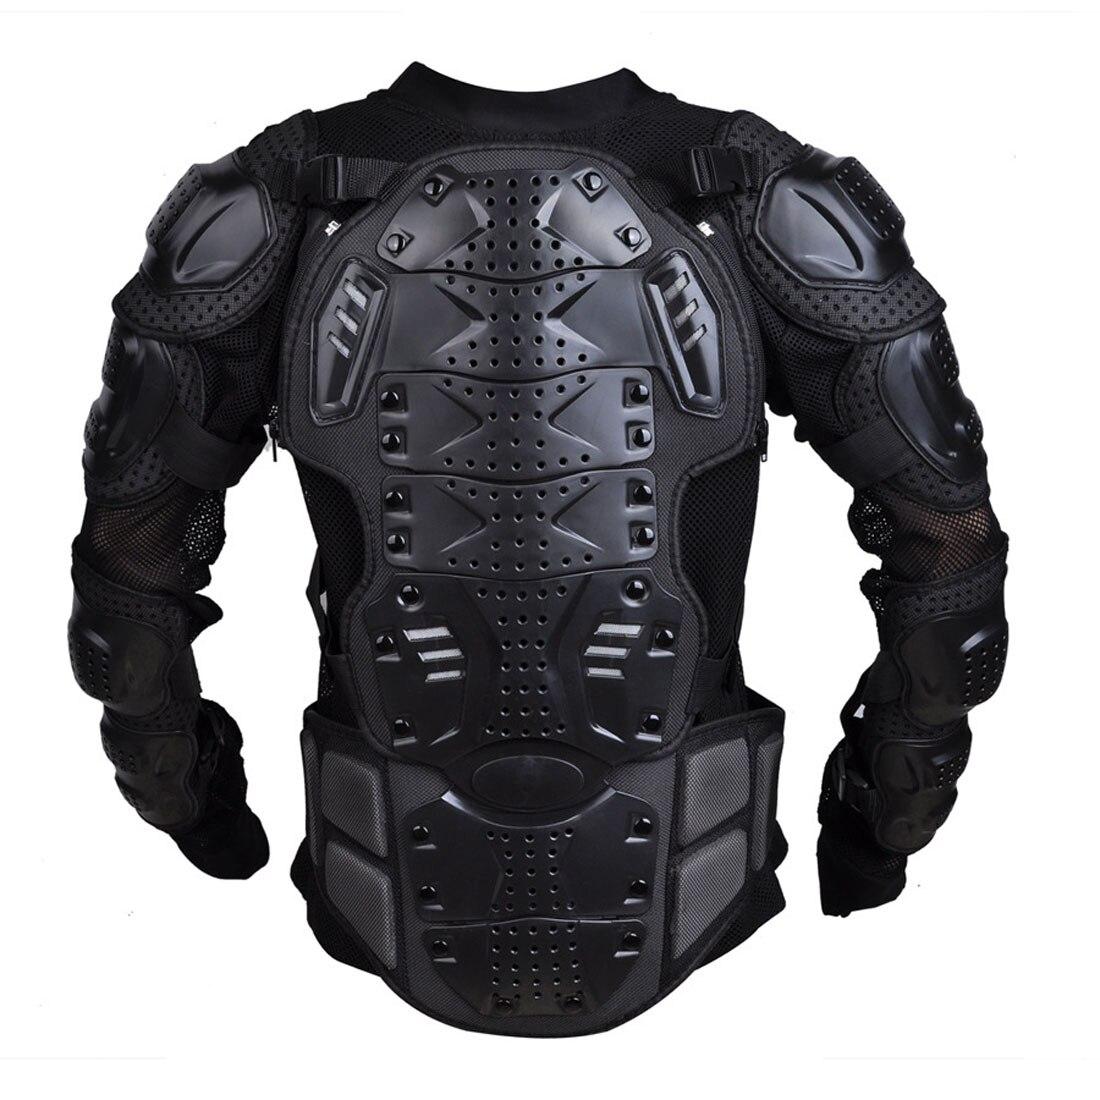 Dongzhen moto veste moto armure Protection Motocross vêtements veste croix dos/rouge armure protecteur course Automobile - 4